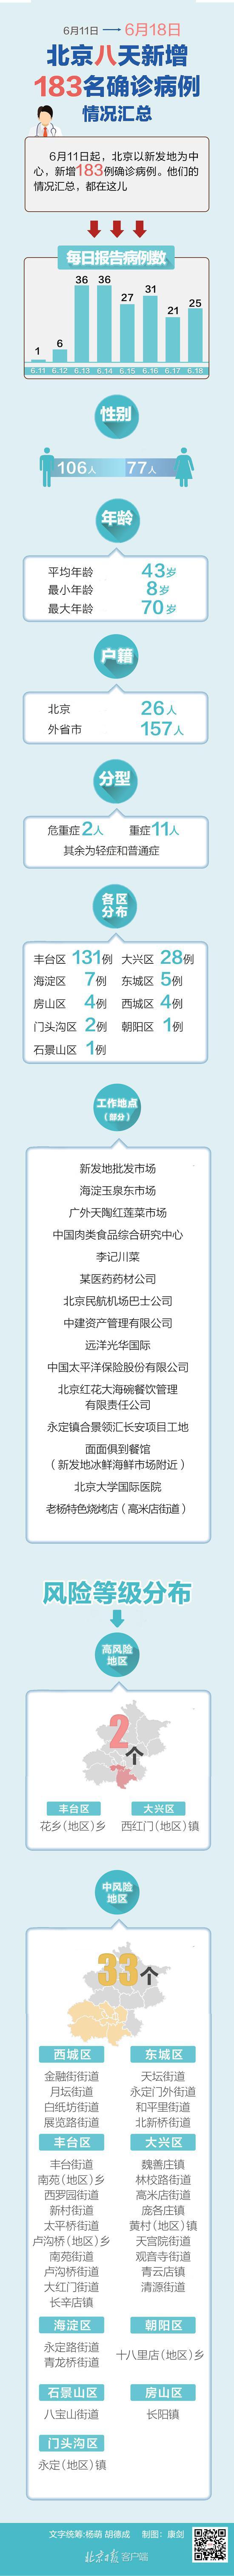 图解:北京八天新增183名确诊病例情况汇总图片